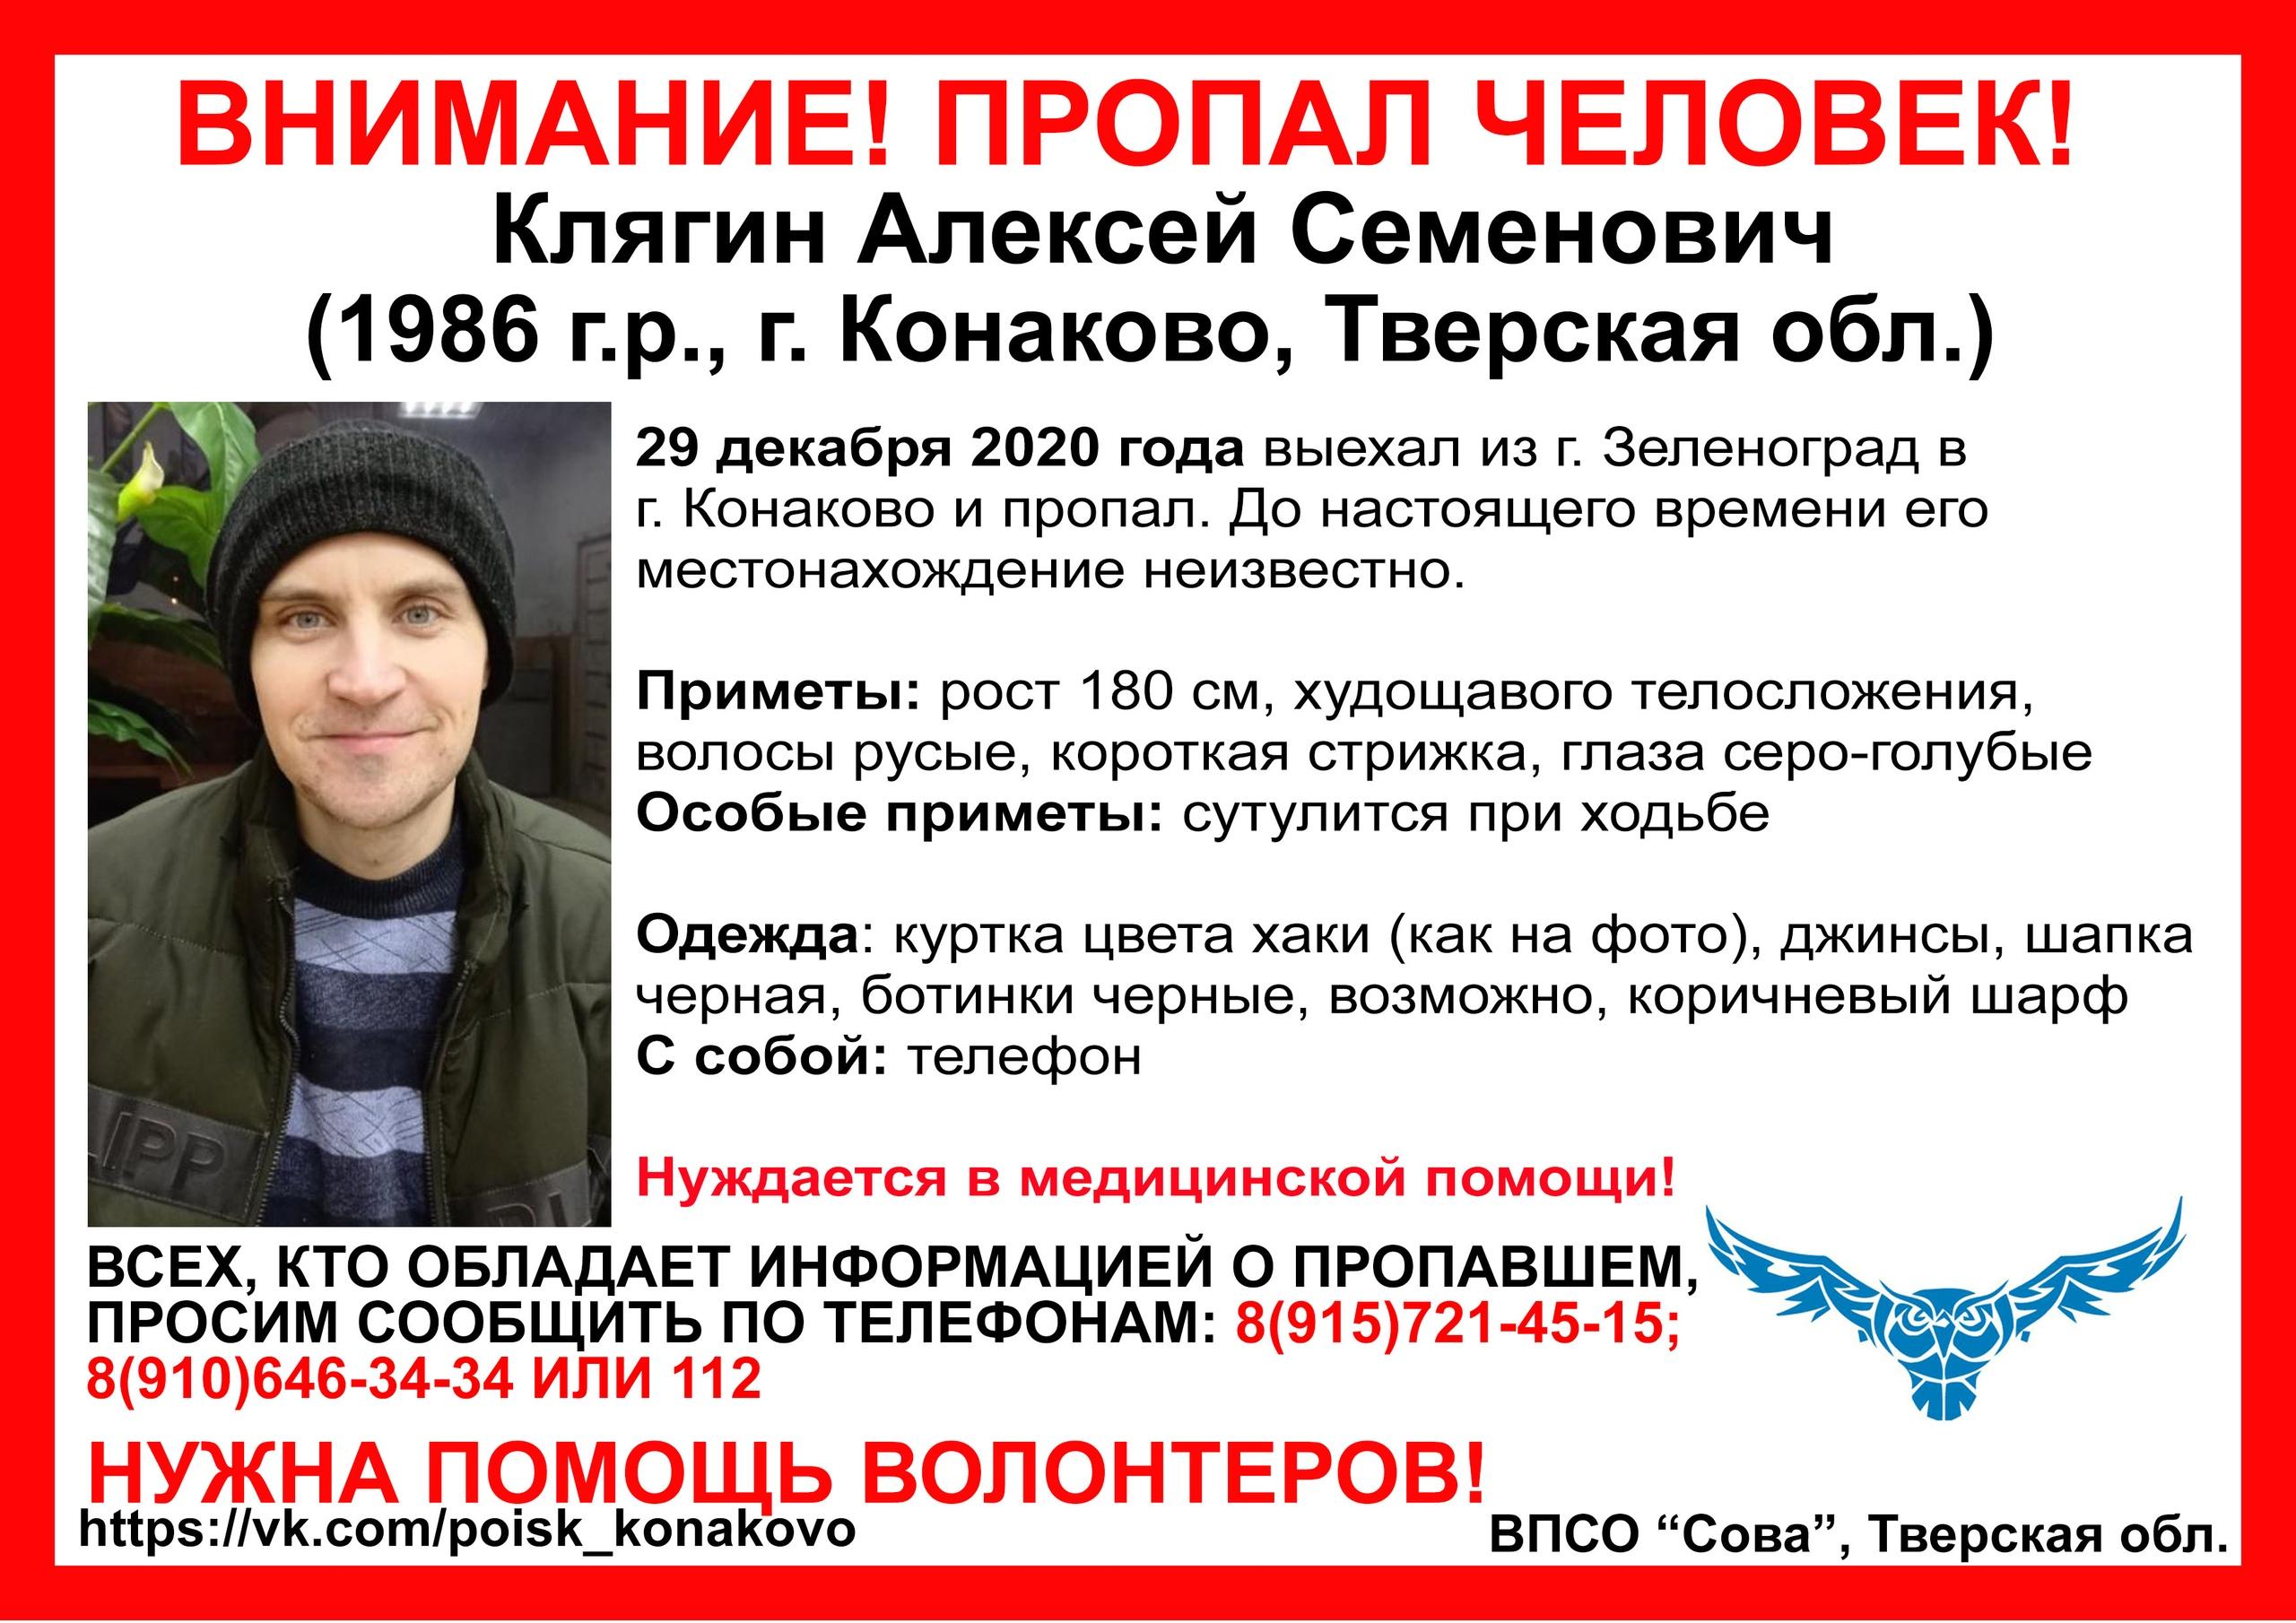 В Тверской области ищут сутулого мужчину, ехавшего из Зеленограда